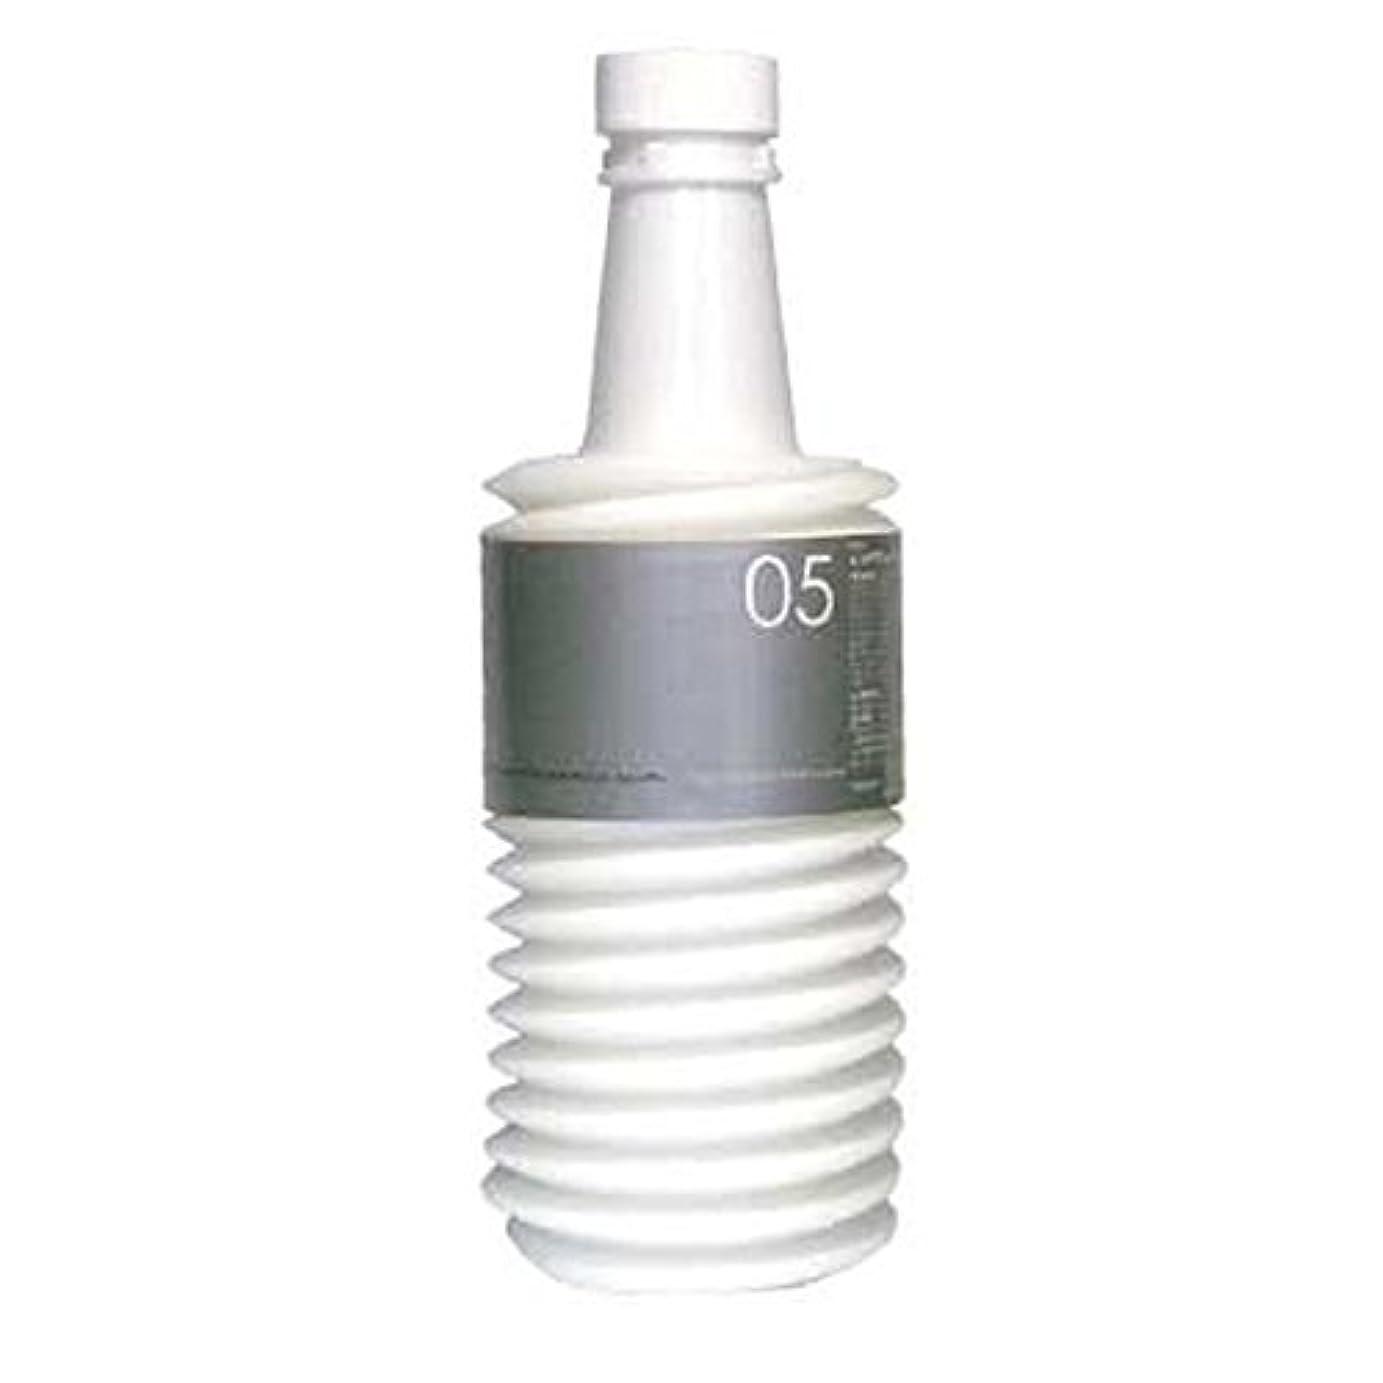 消費そして導出ムコタ アデューラアイレ05 ヘアマスクトリートメントスムーサー 700g